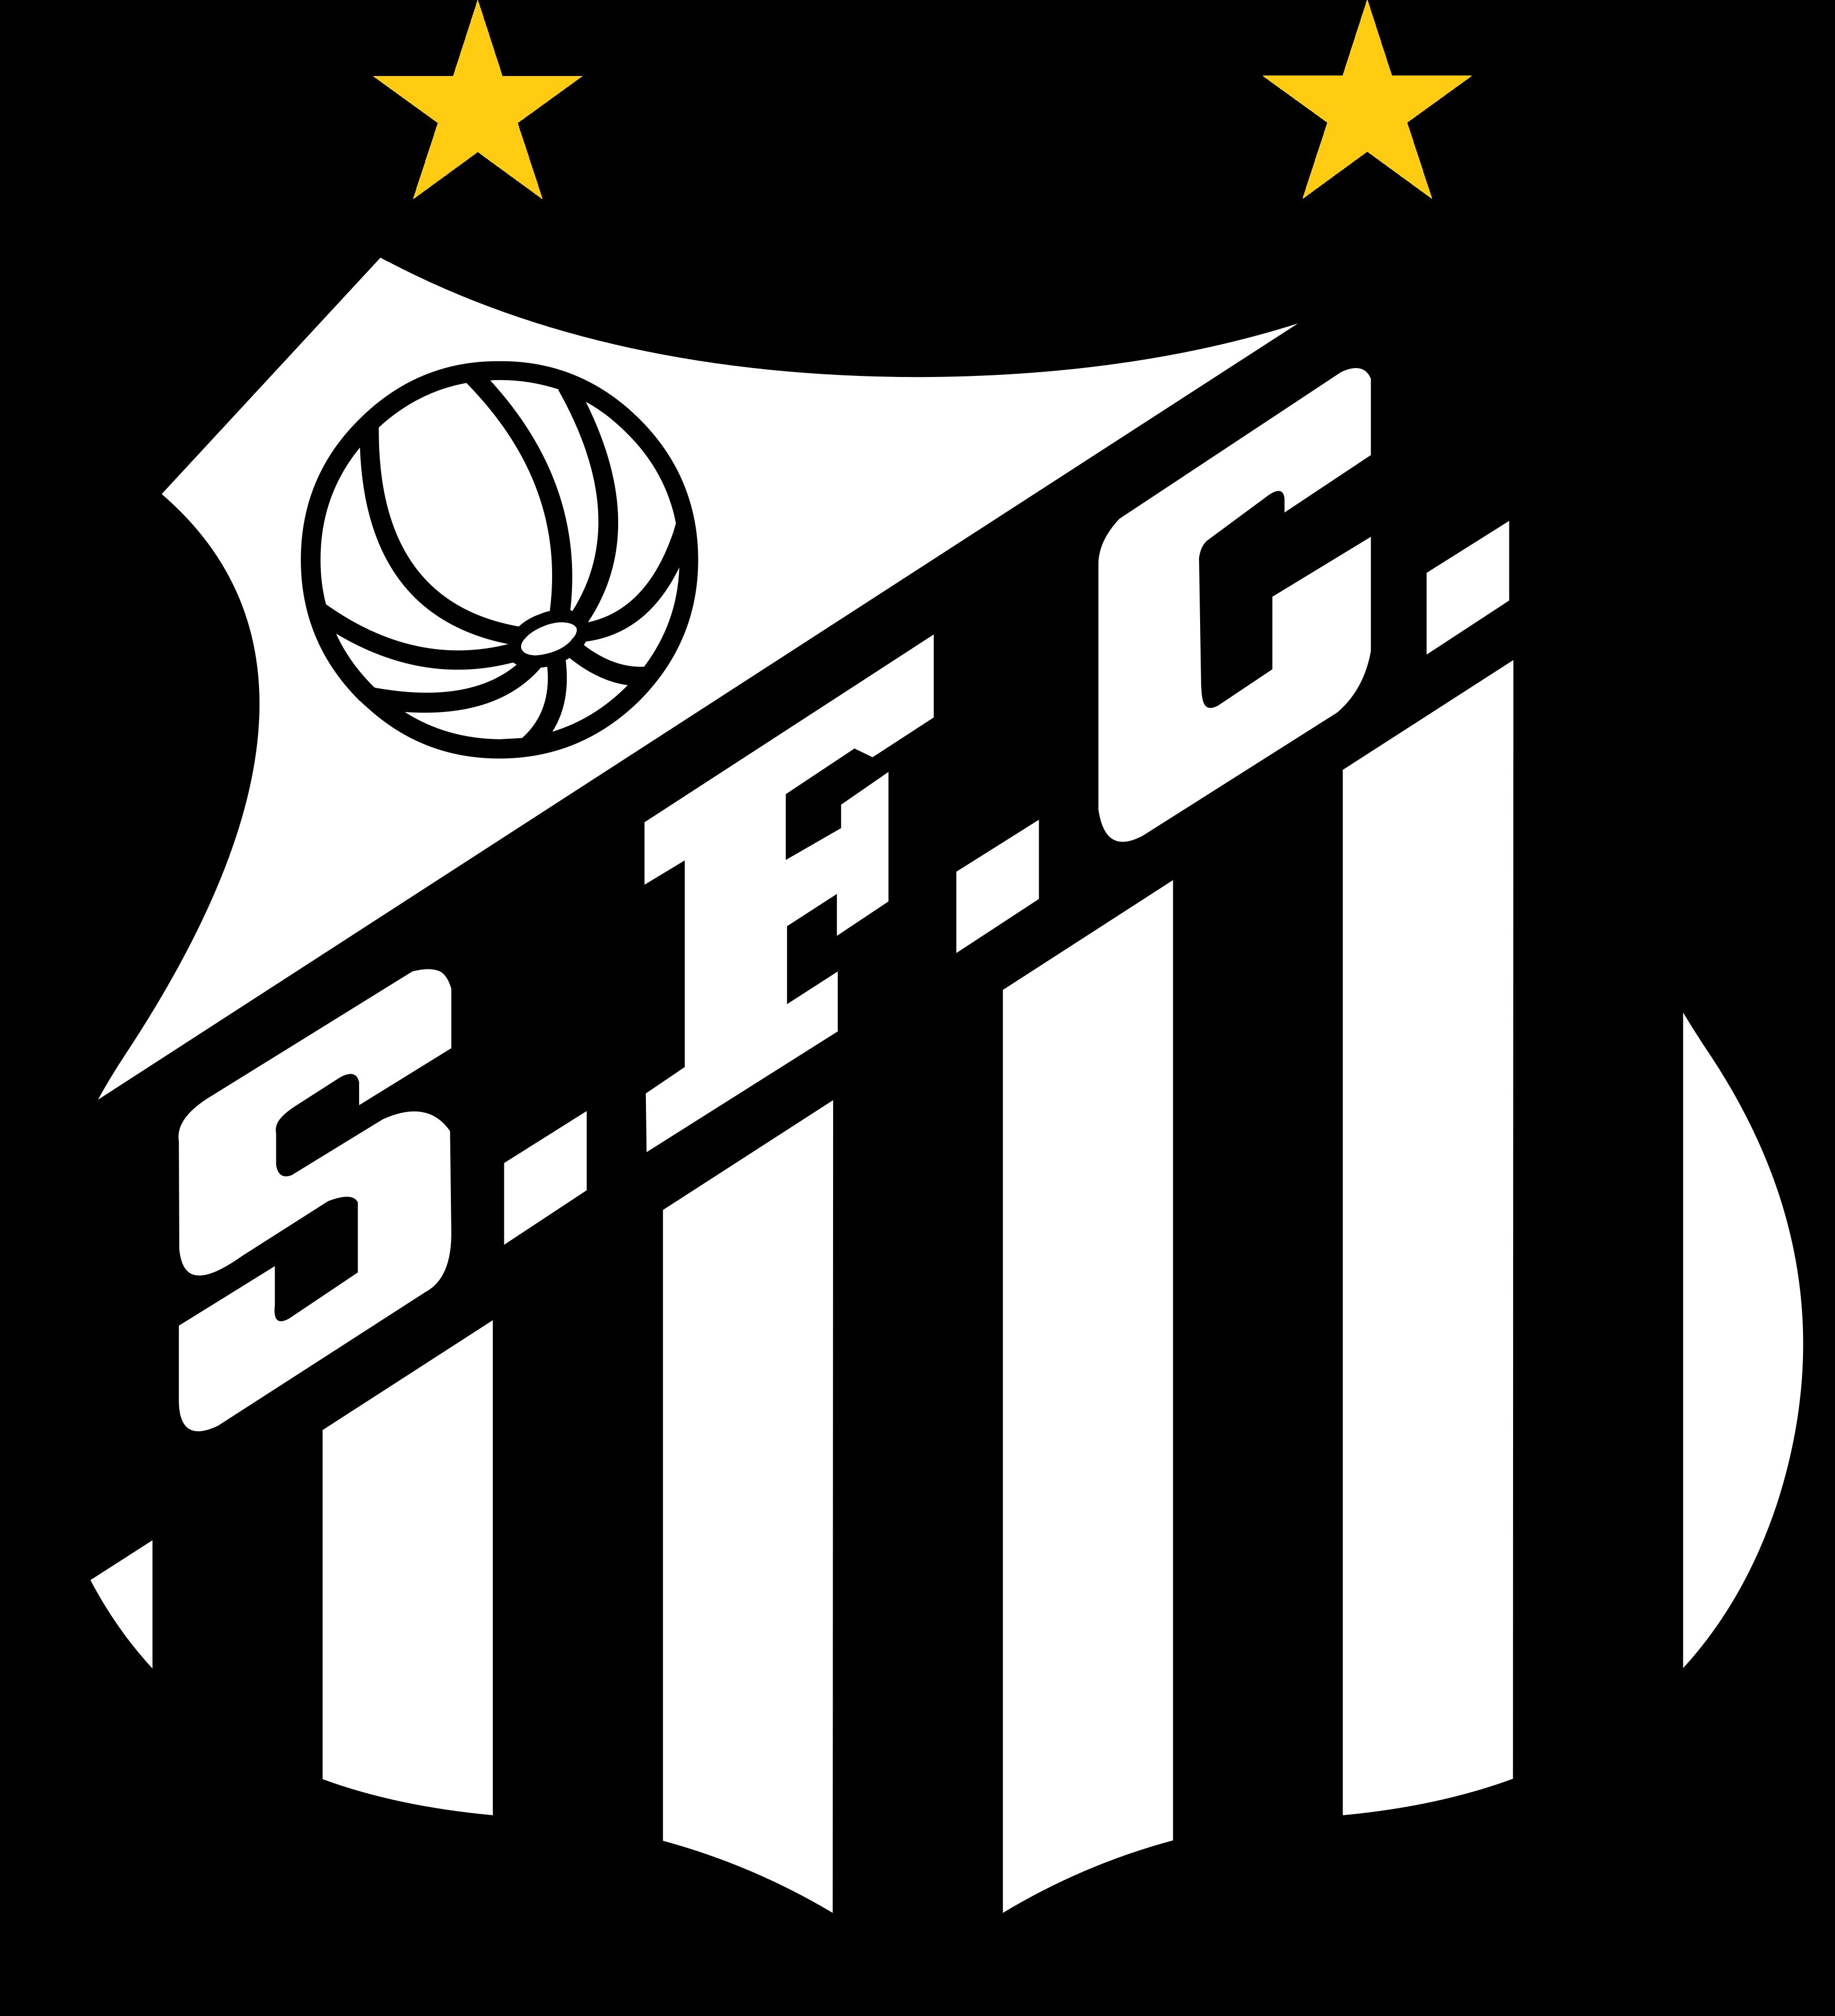 santos logo escudo - Santos FC Logo